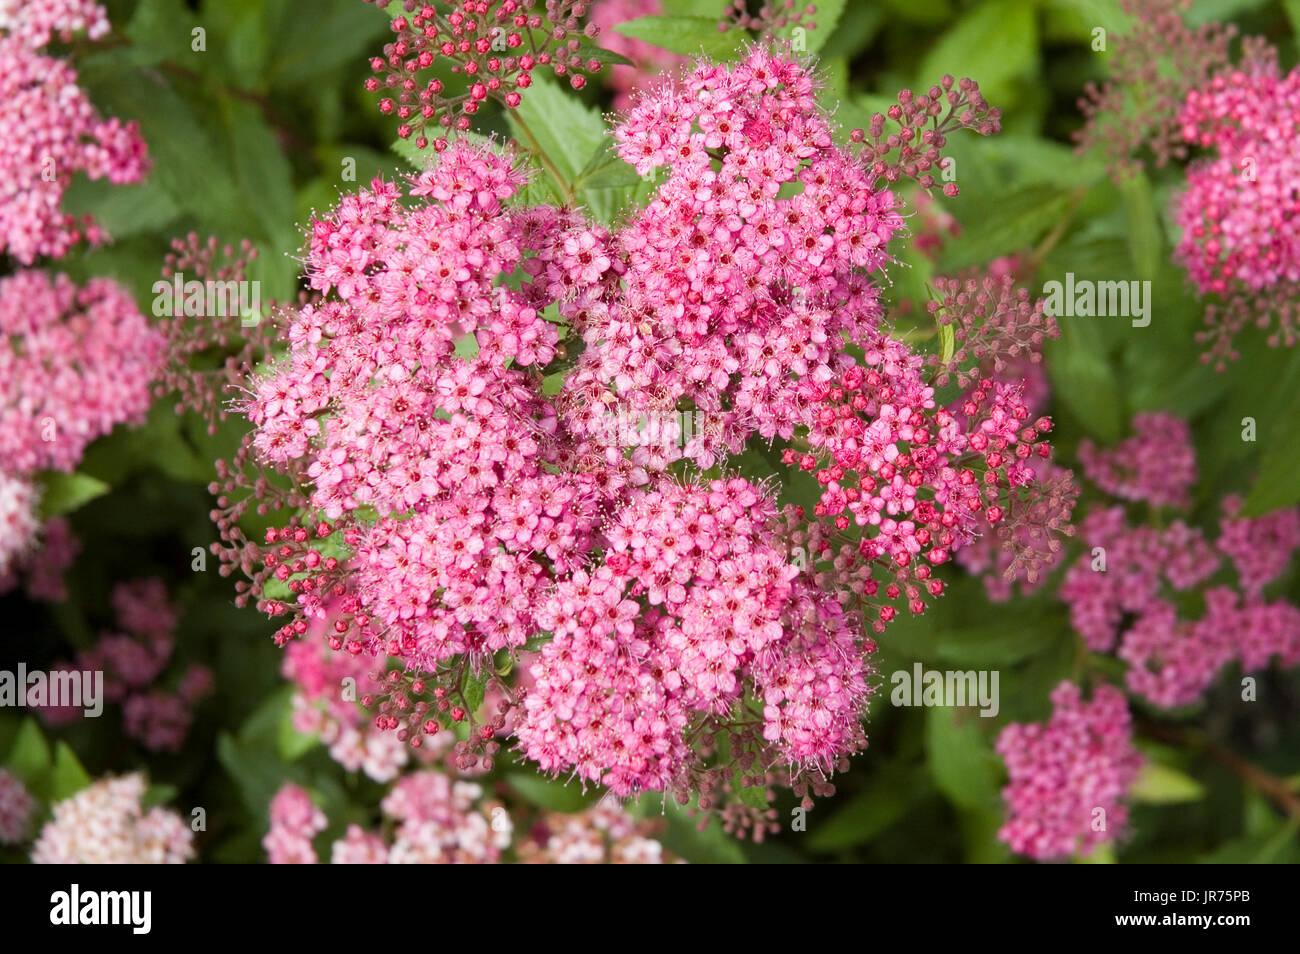 Fleurs Rose De La Spiree Japonaise Banque D Images Photo Stock